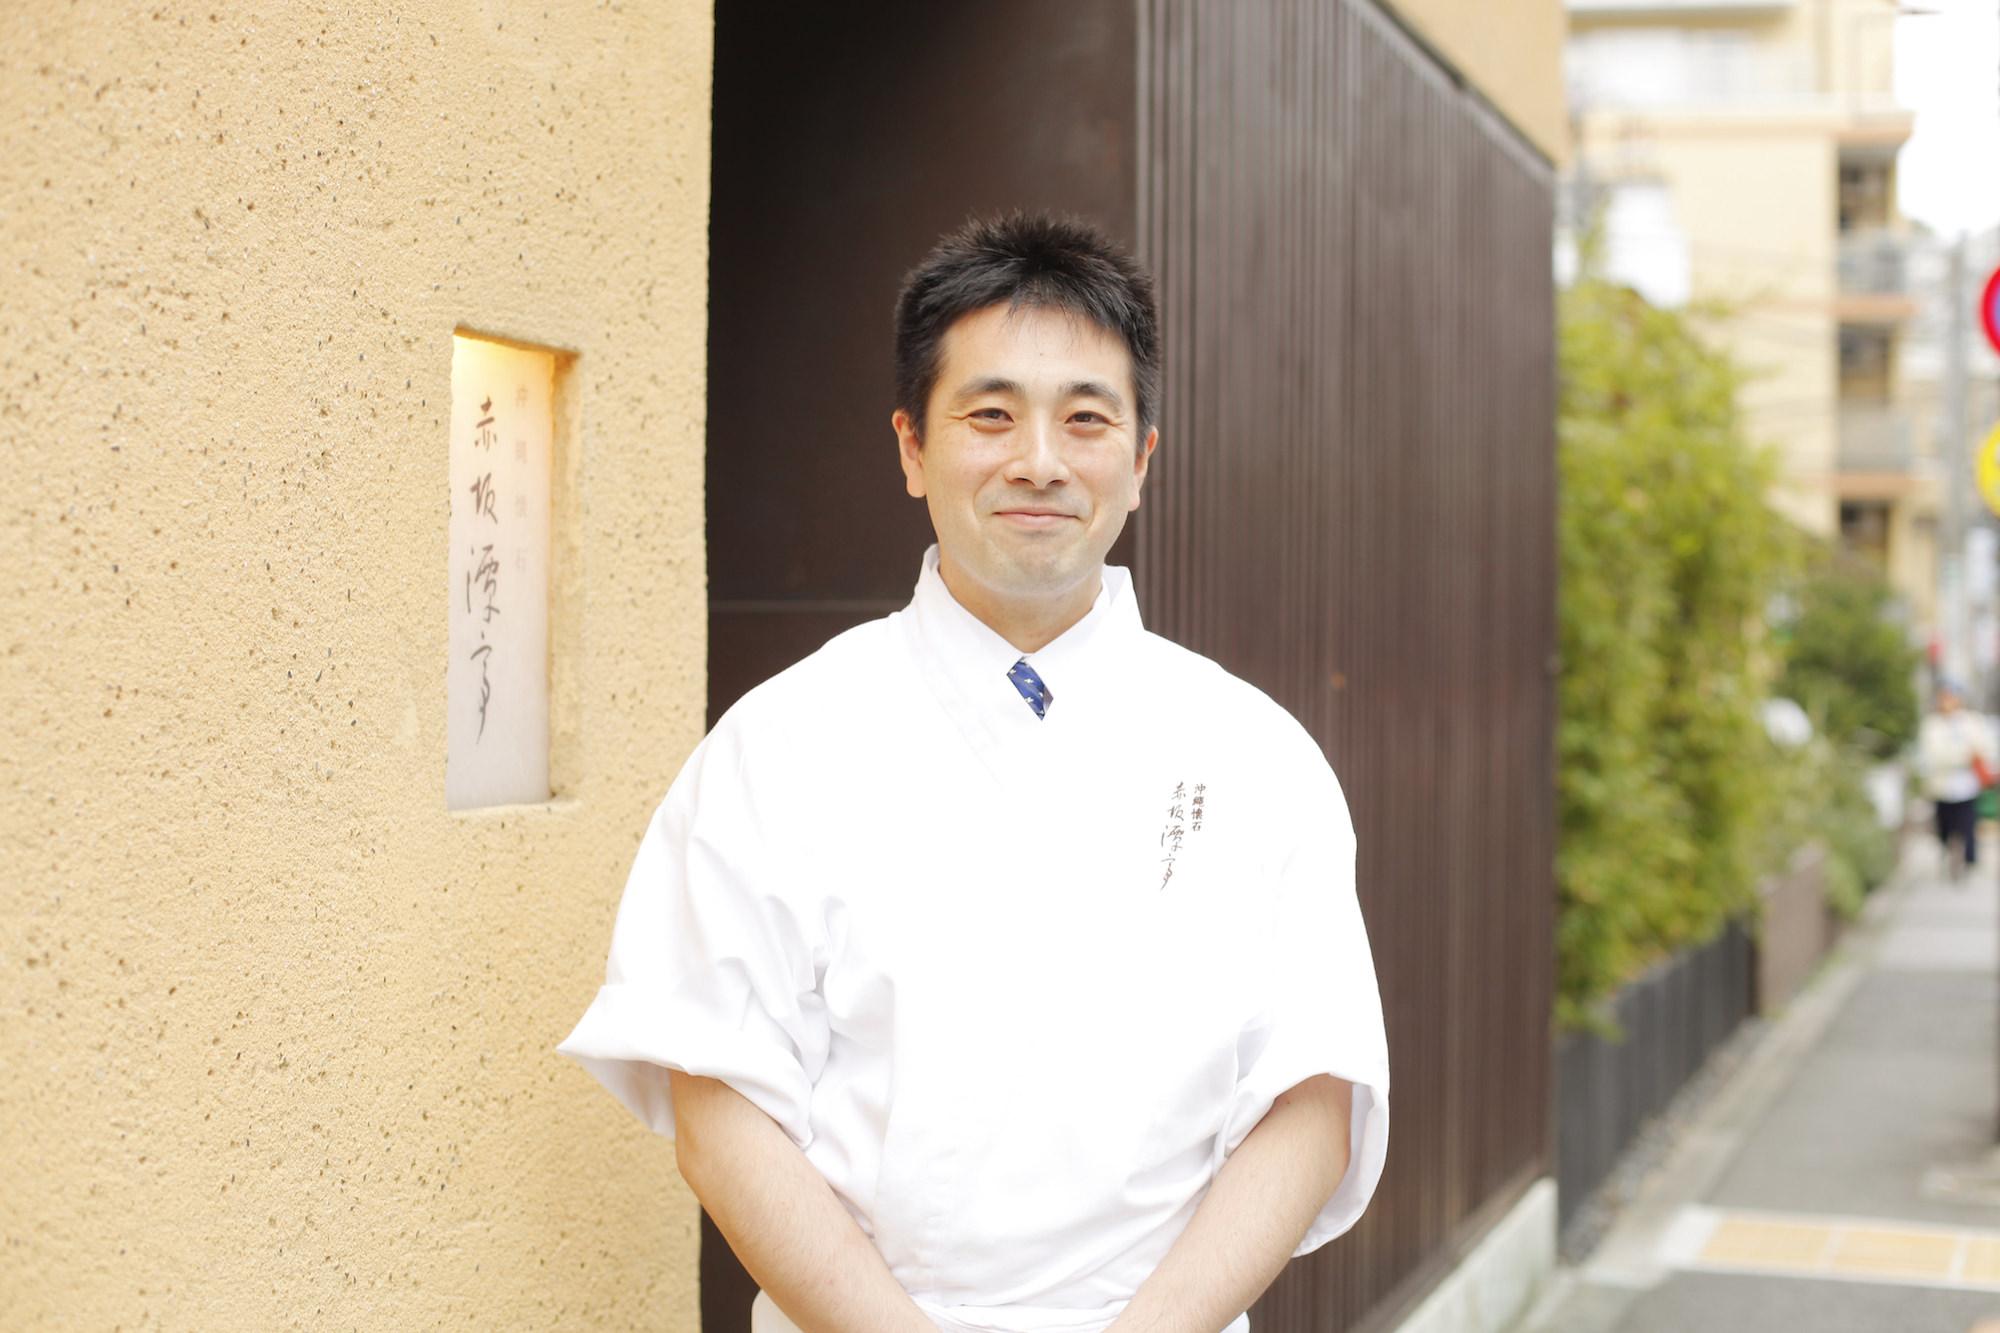 Okinawa Kaiseki cuisine Akasaka Tantei Naoki Tanaka